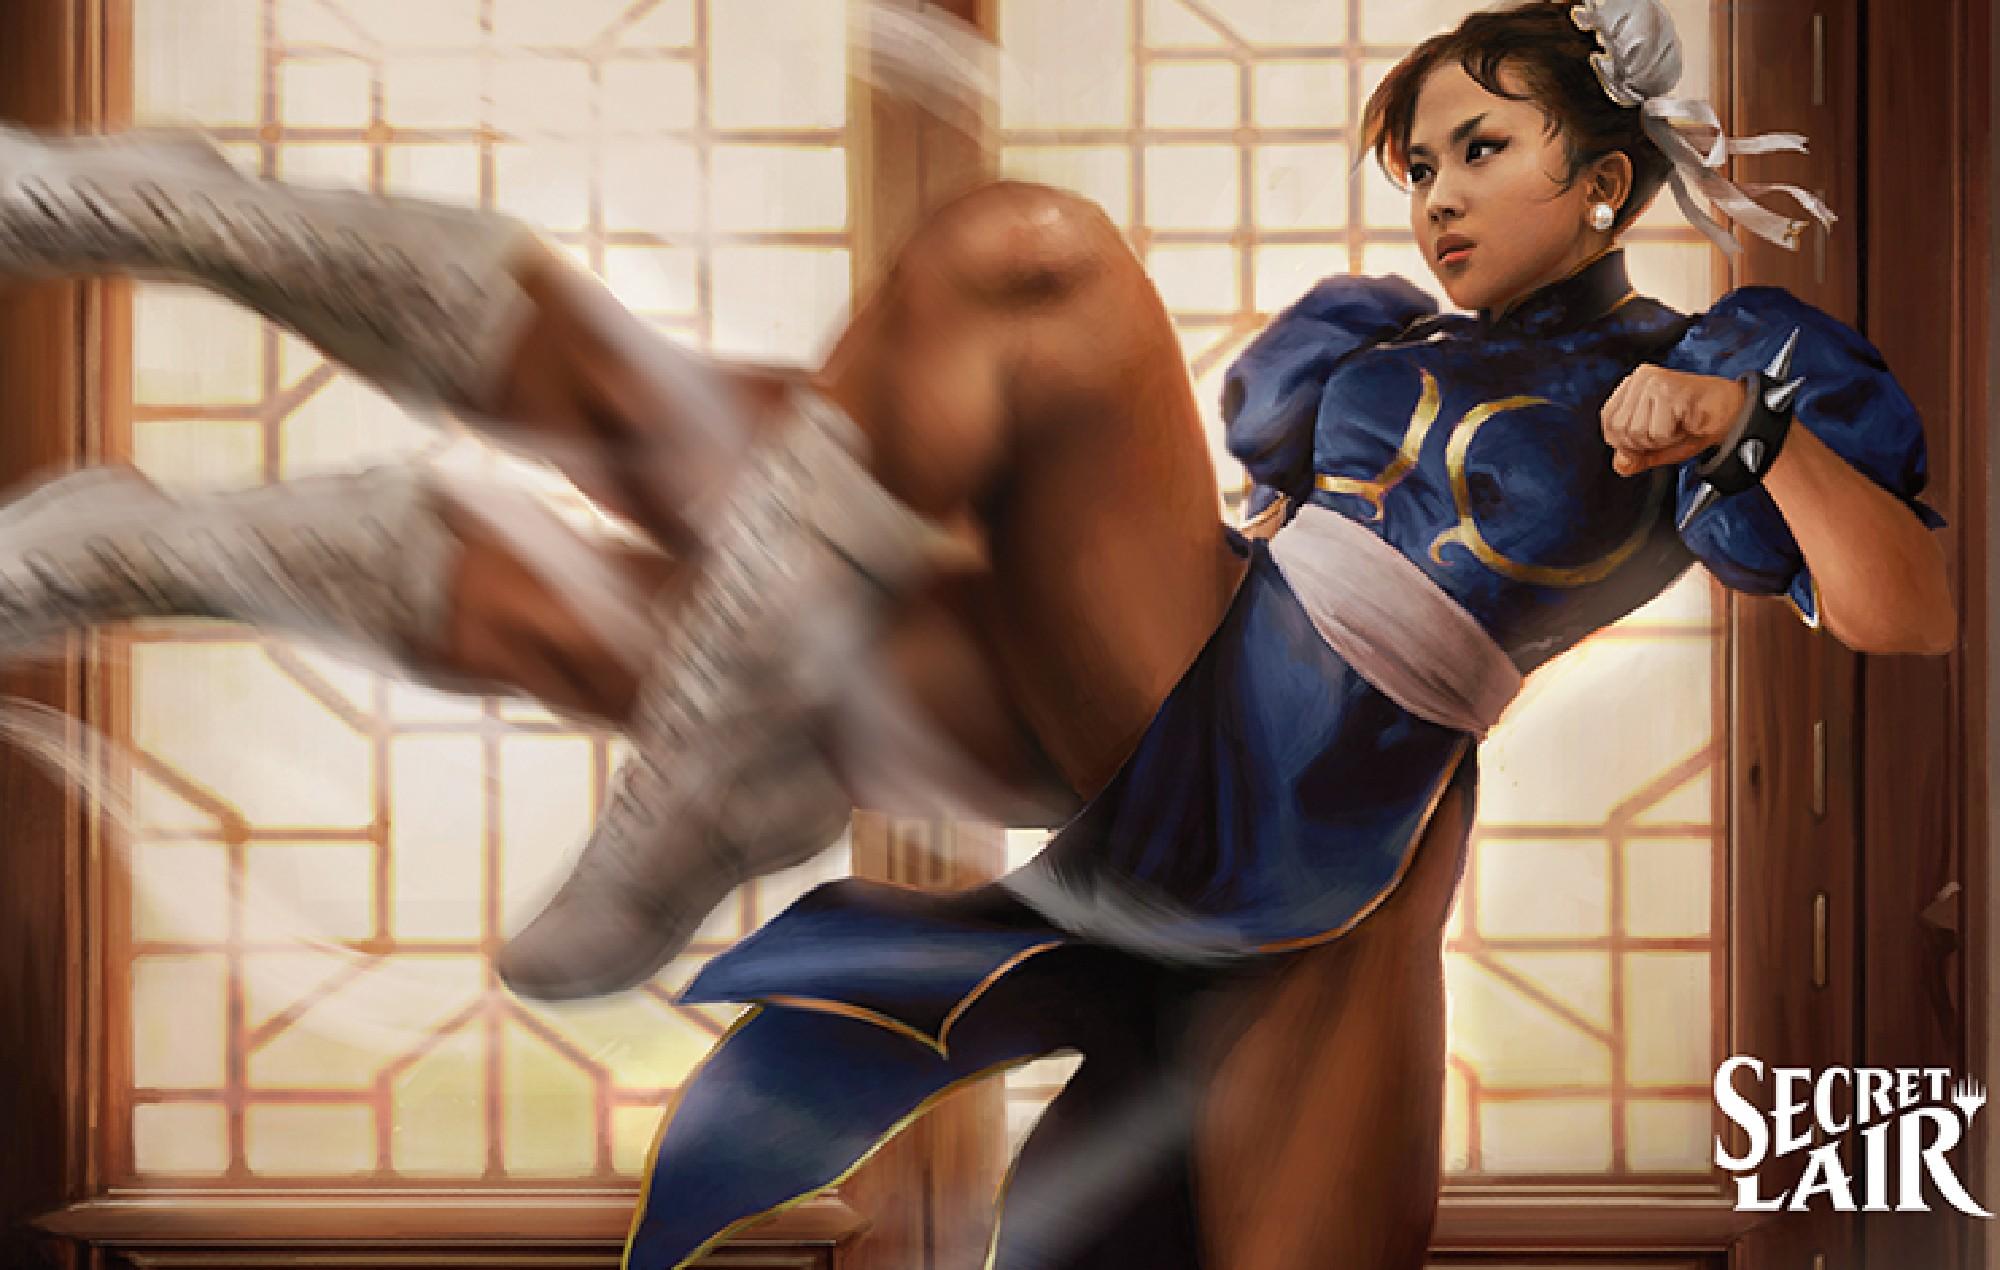 Street Fighter's Chun Li in Magic: The Gathering